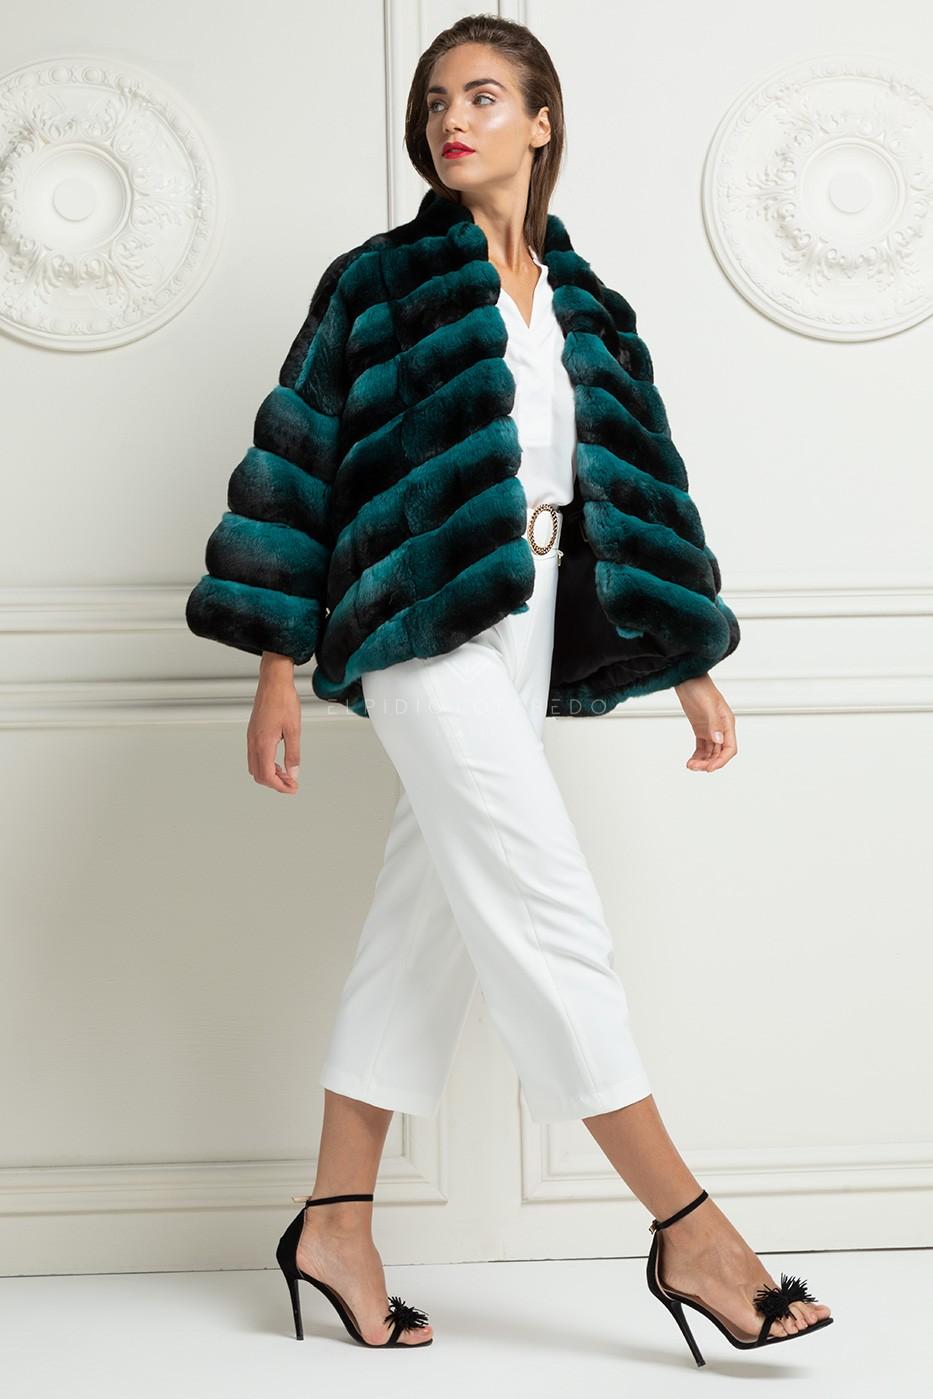 Green Chinchilla Jacket